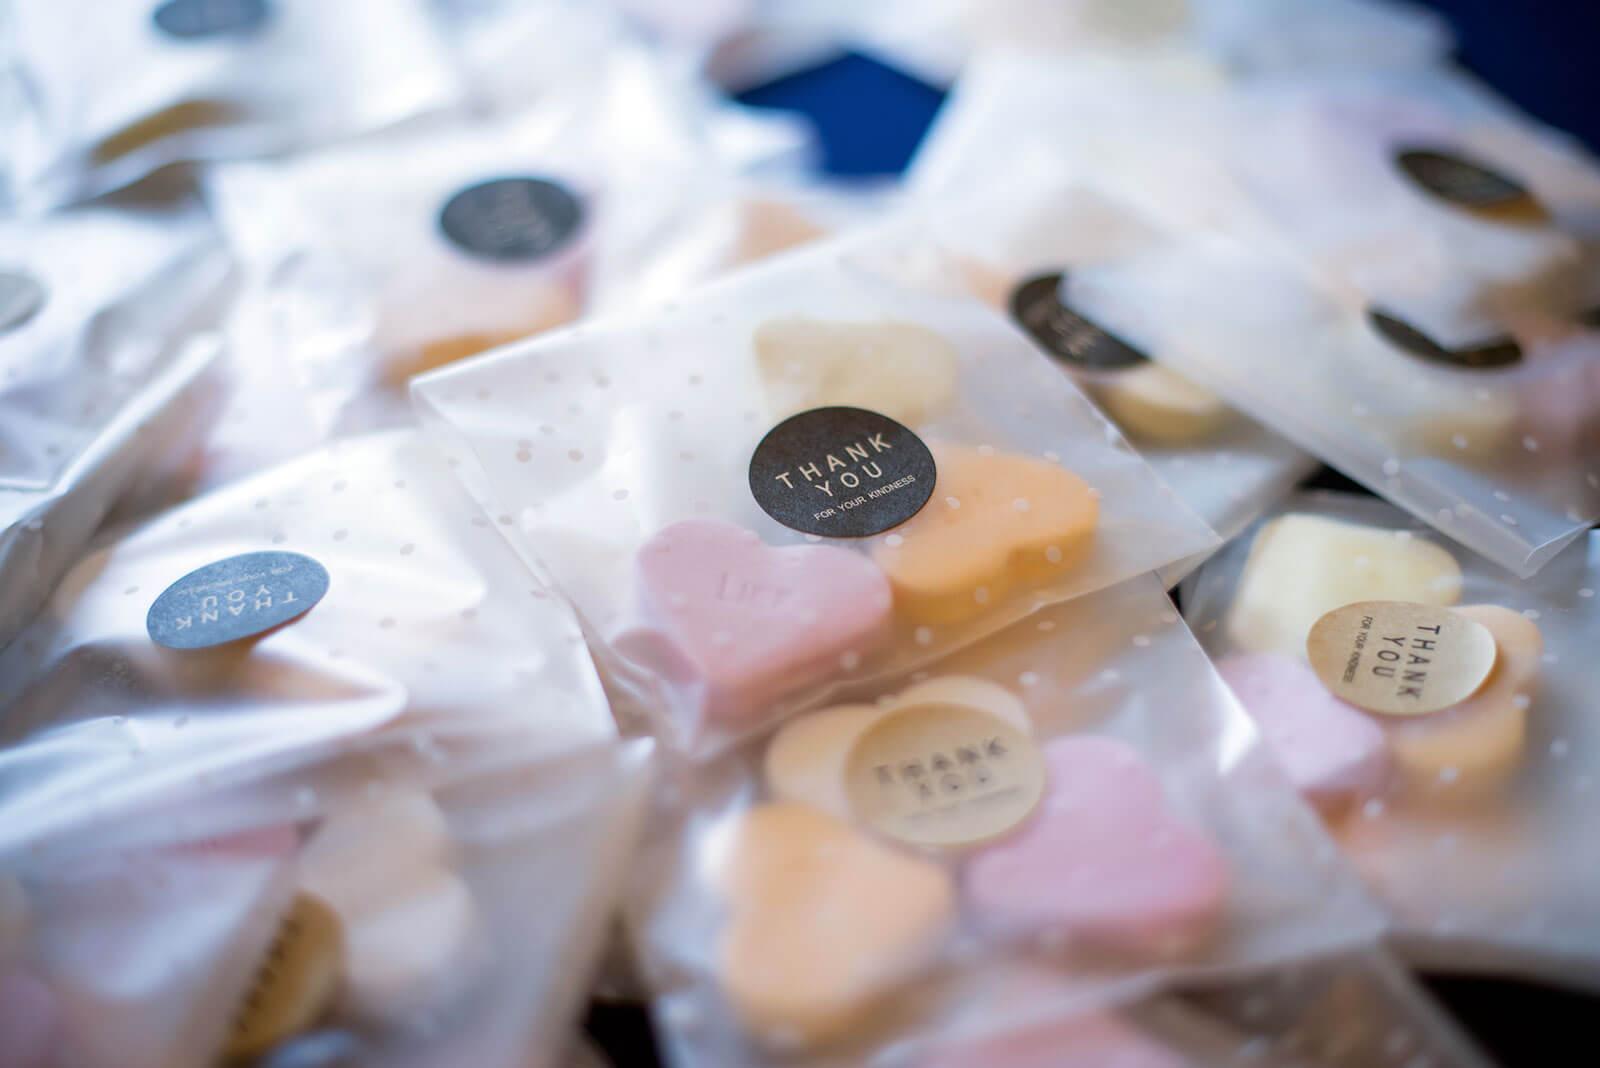 Embalagens com doces em forma de coração.